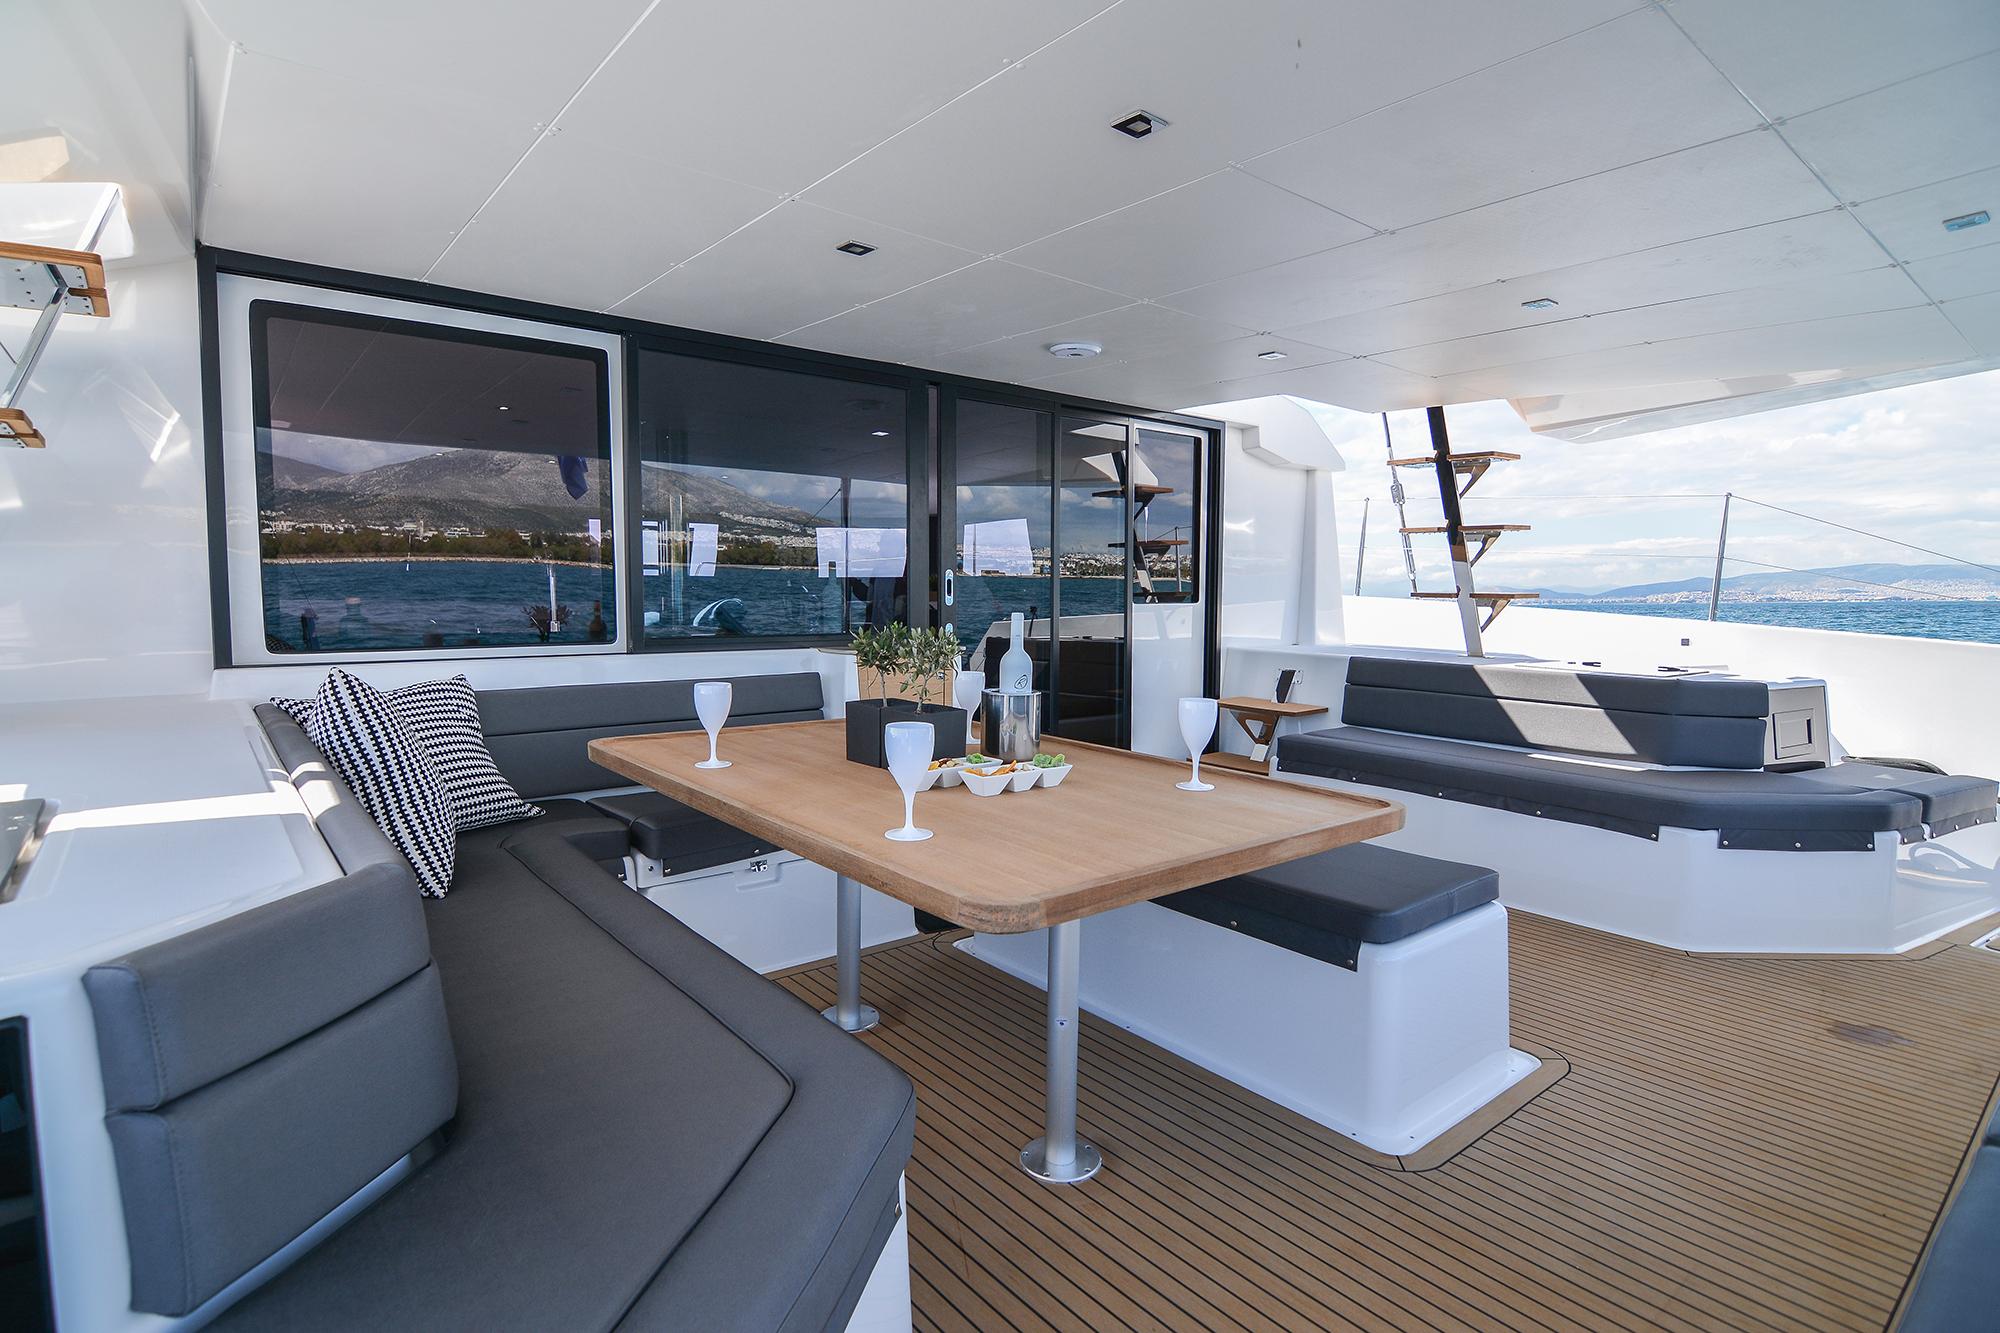 Dufour - Catamaran 48